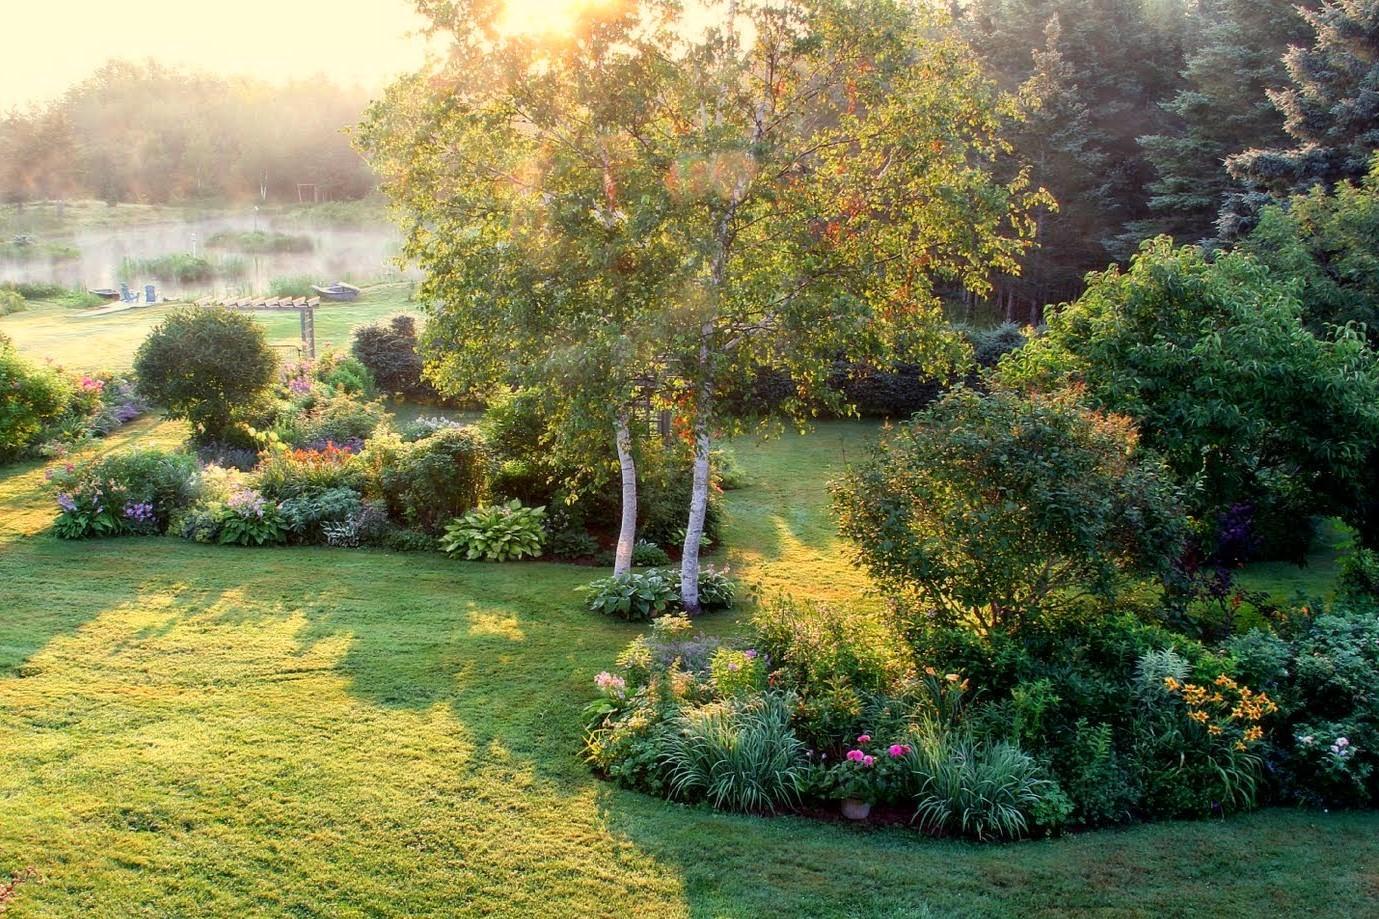 Záhrada,ktorá ťa nikdy neomrzí...divoká a krásna - Obrázok č. 74